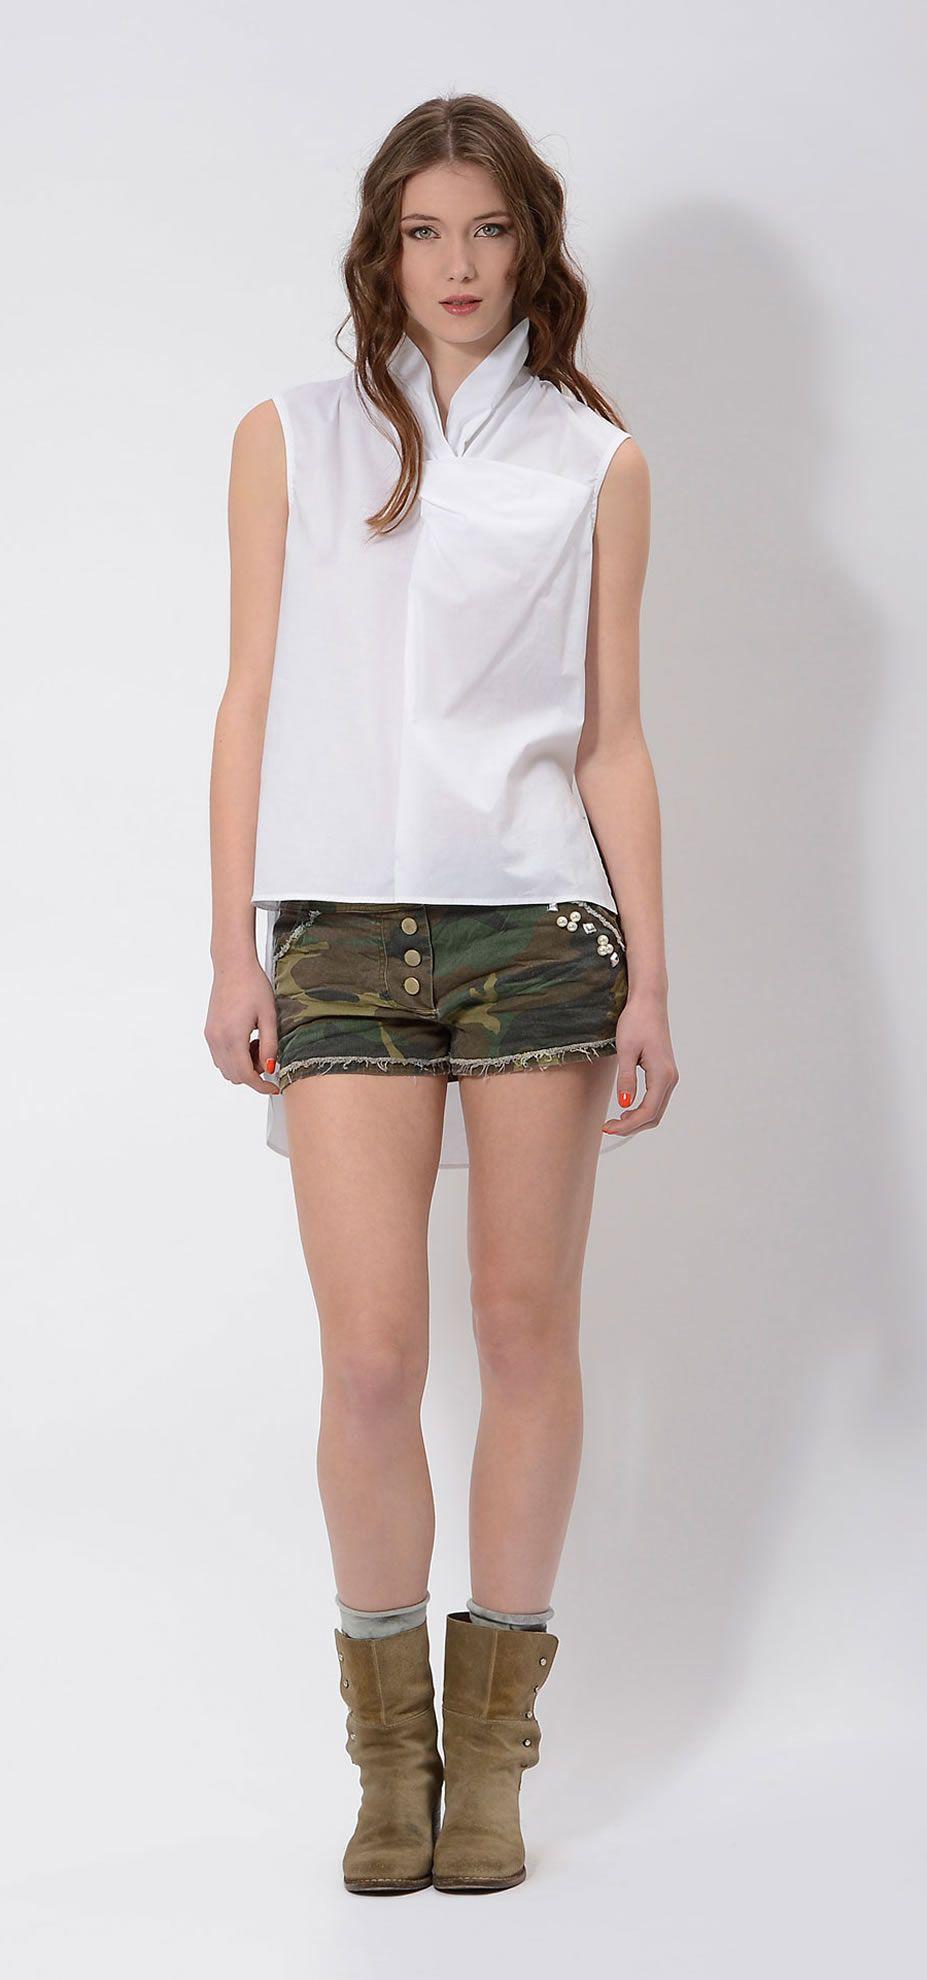 #white #short on #military #shorts #camouflage #italian #designed #FREEDOM #PHOENIX